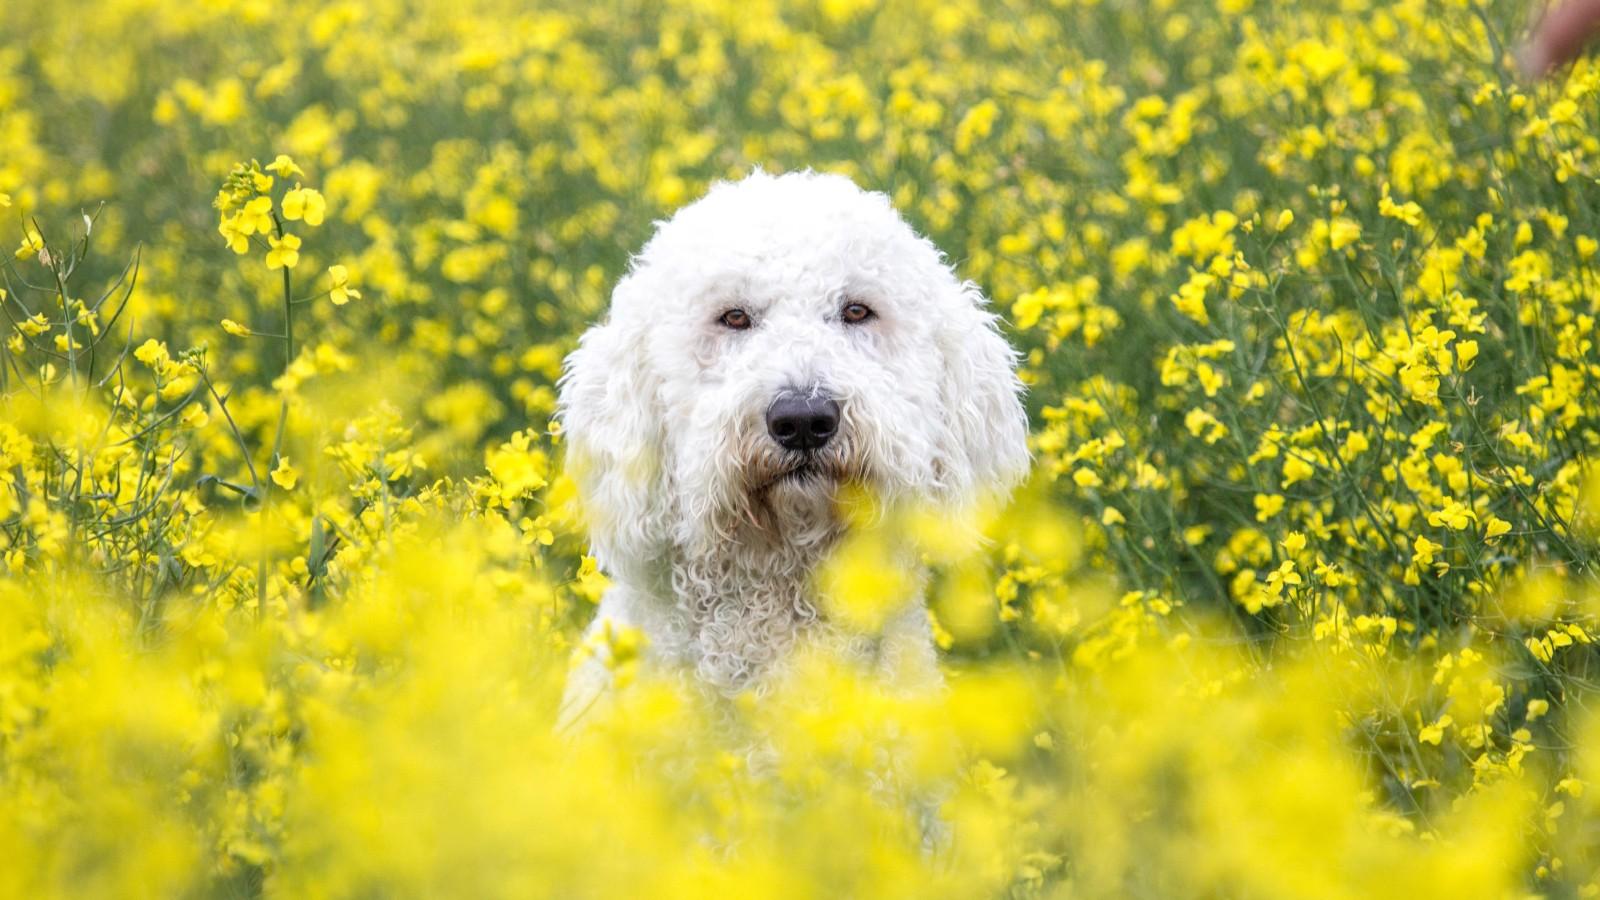 Tendance Instagram dangereuse pour les chiens, chien dans un champ de colza